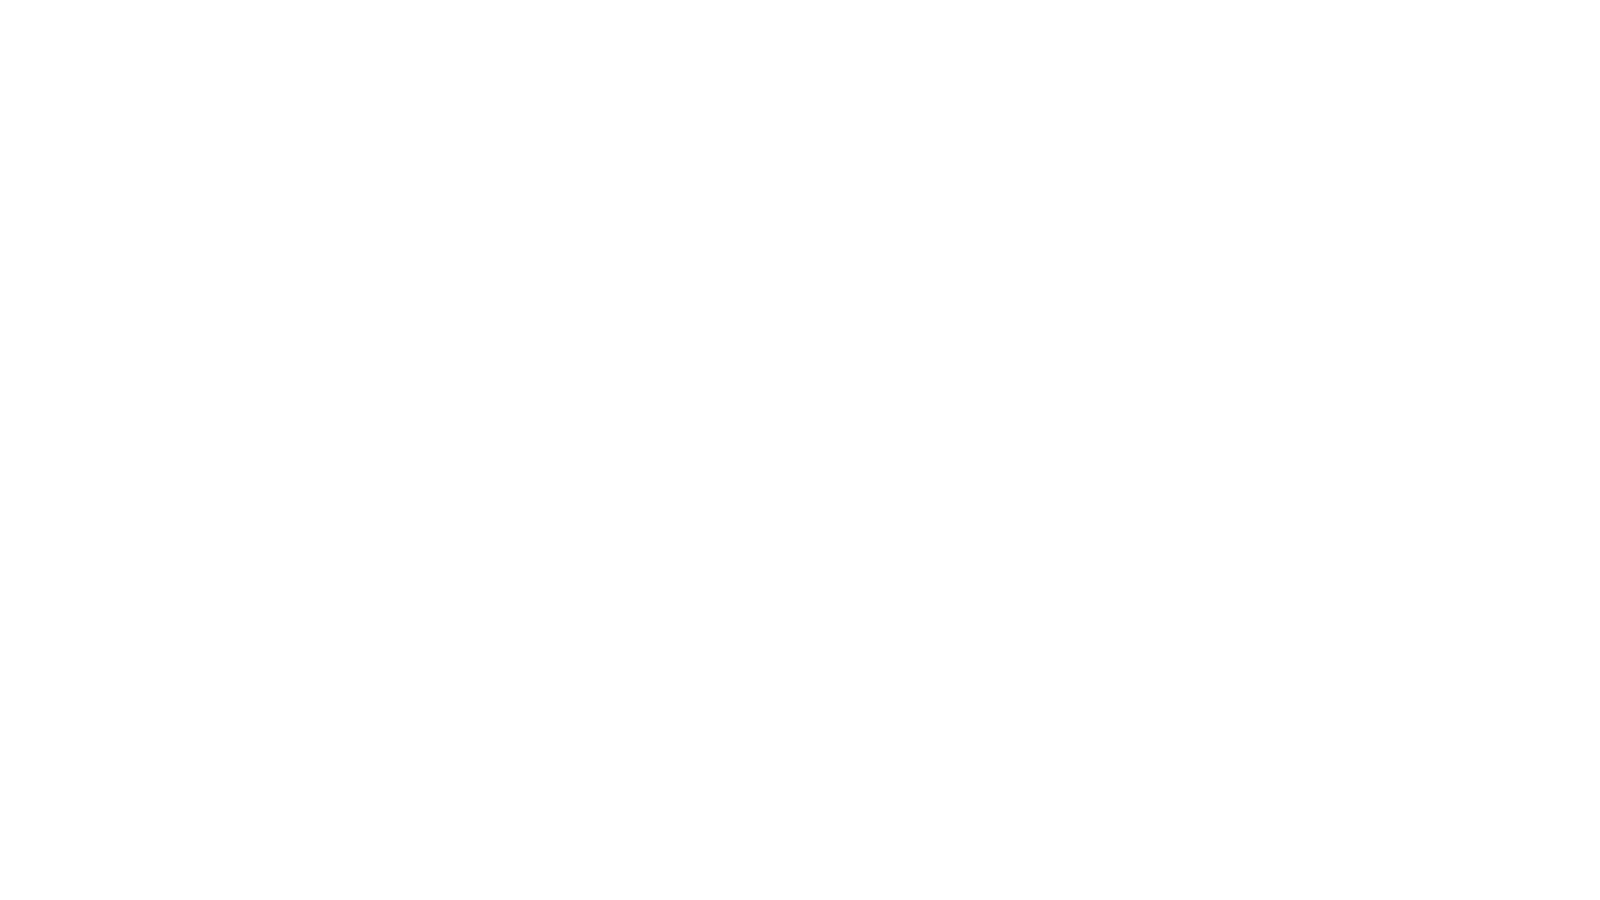 """Conferenza con Fr. MichaelDavide Semeraro sull'enciclica di papa Francesco """"Fratelli tutti"""" - Chiesa parrocchiale di San Giuseppe di Cassola (Vi) 11 marzo 2021"""